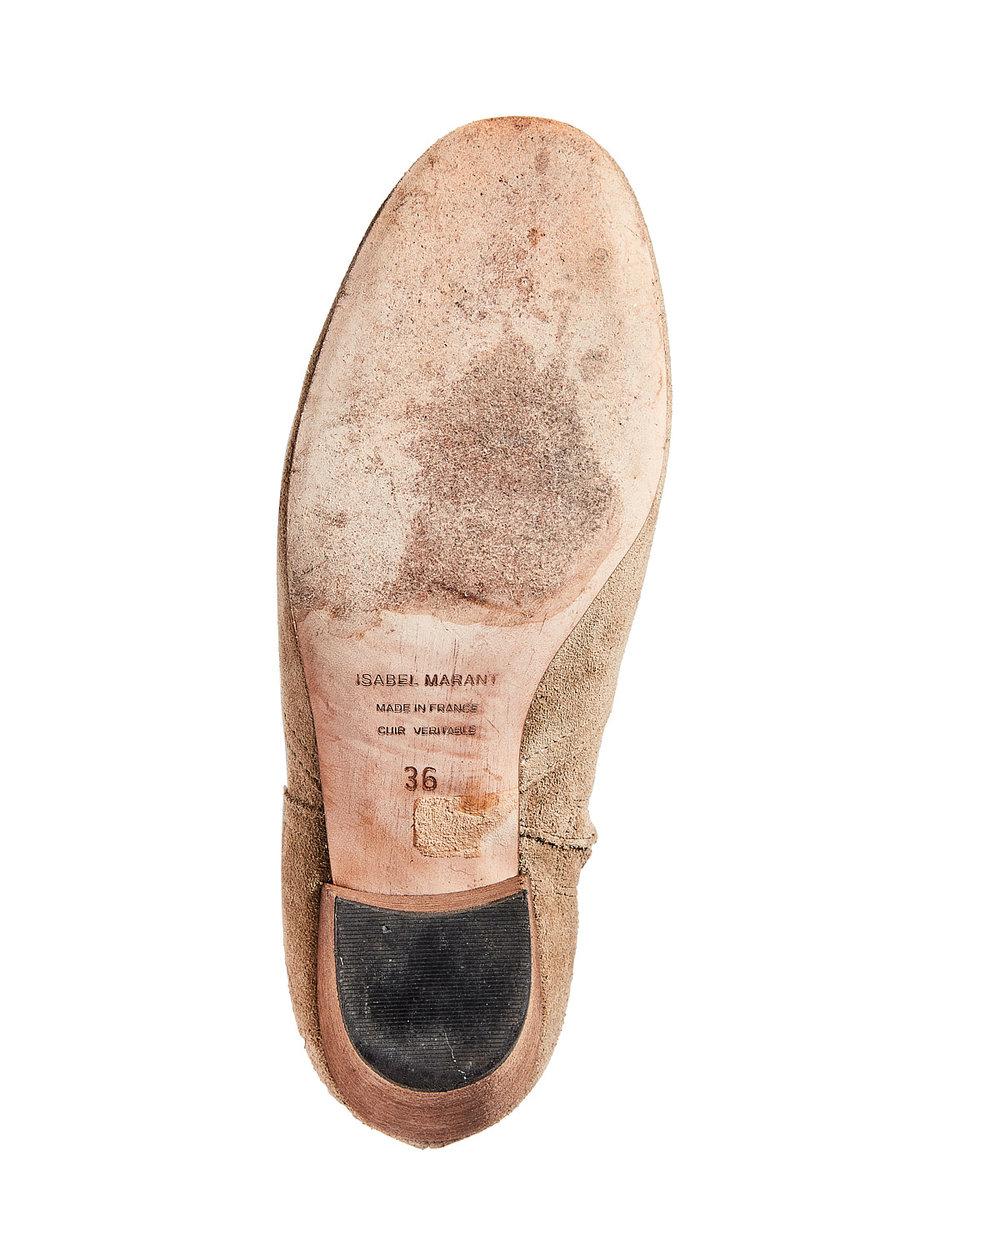 SOLES_ISABEL_MARENT_SUEDE_BOOTIE_18647.jpg